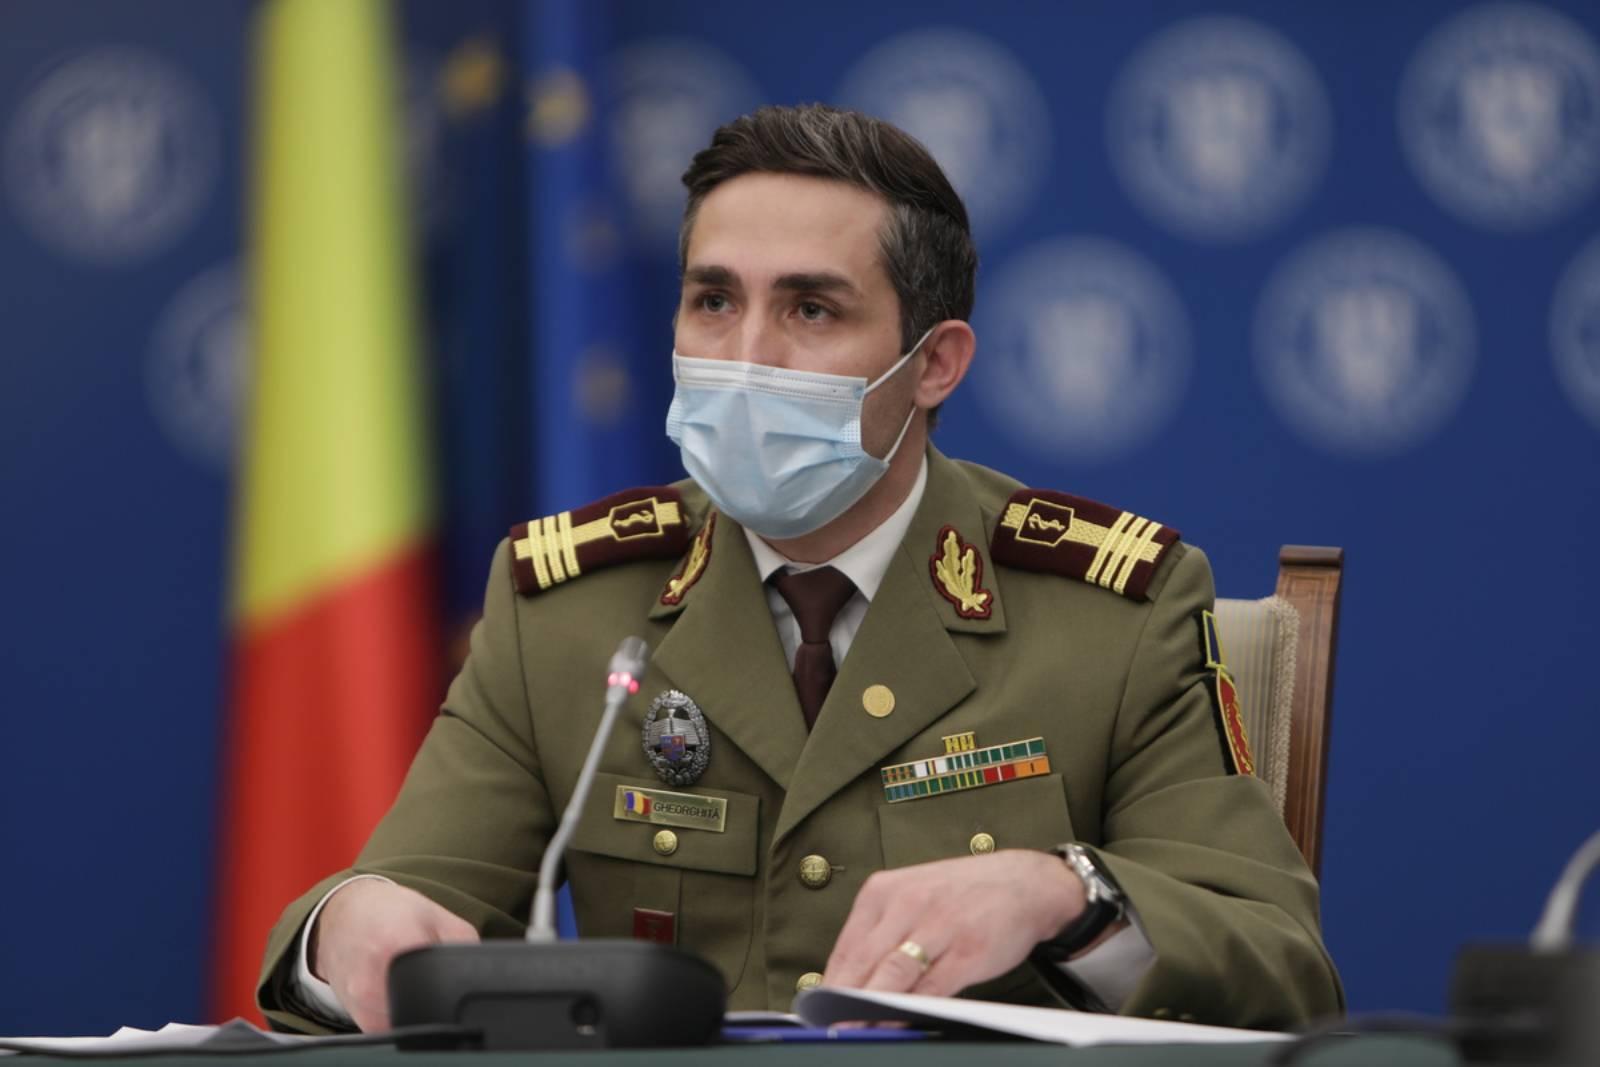 Valeriu Gheorghita 1 iuine zile calduroase redus vaccinare